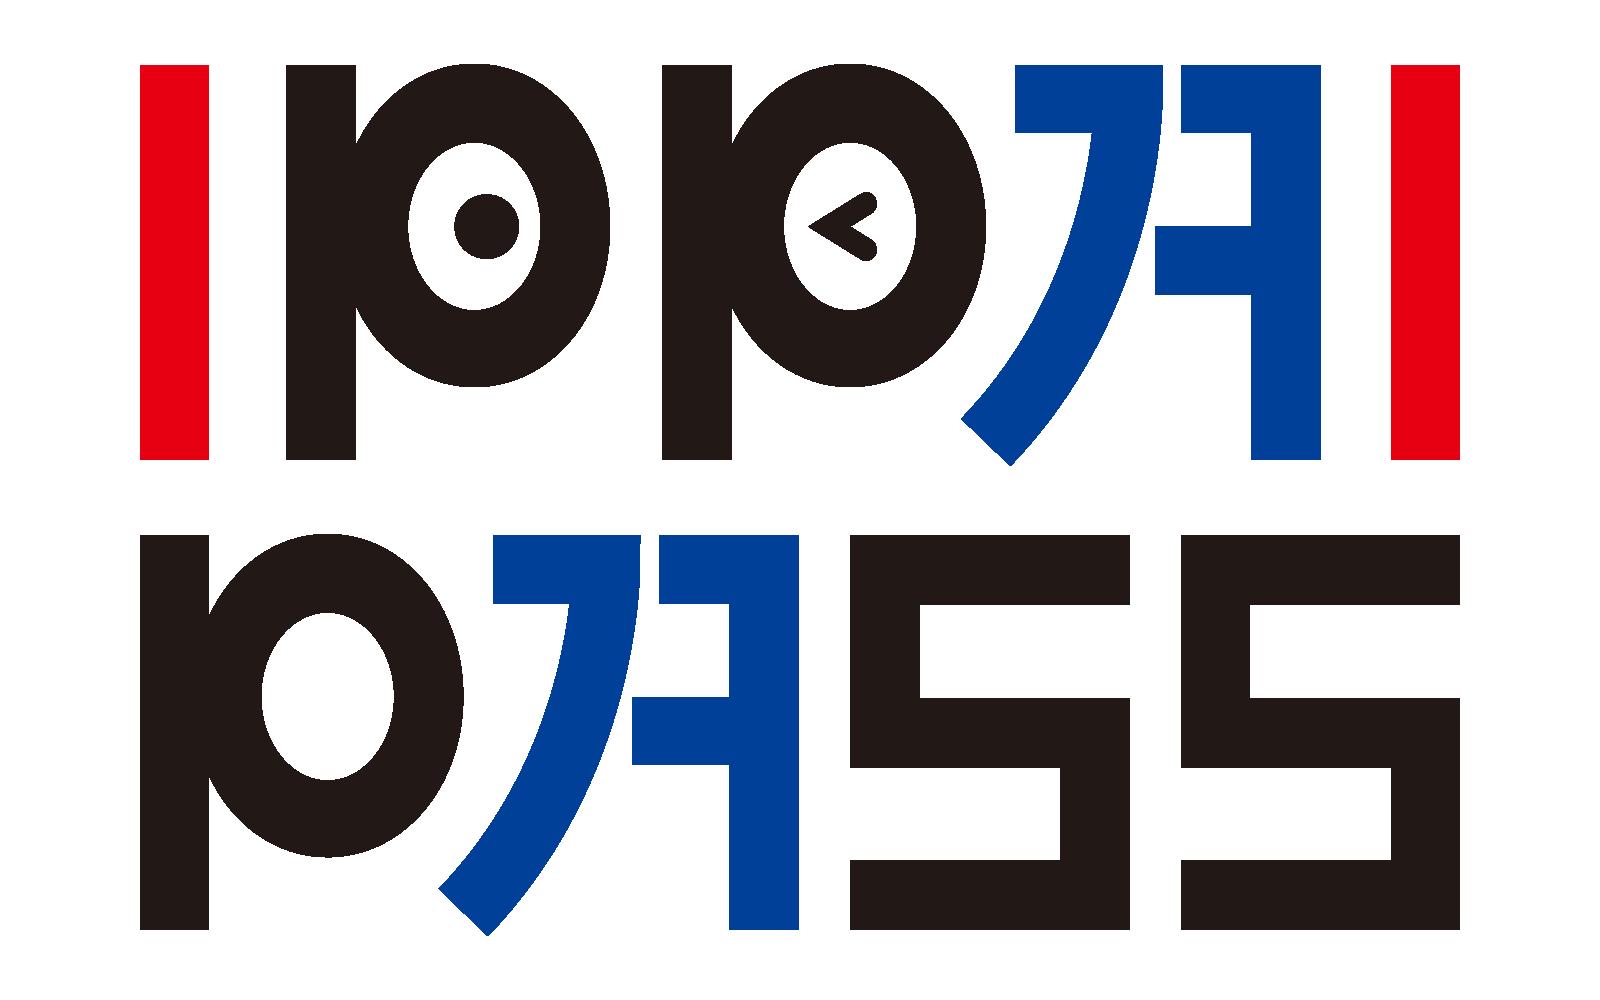 OSAKA IPPAIPASS(大阪イッパイパス・오사카 이빠이패스 大阪満喫!観光グルメサイト)